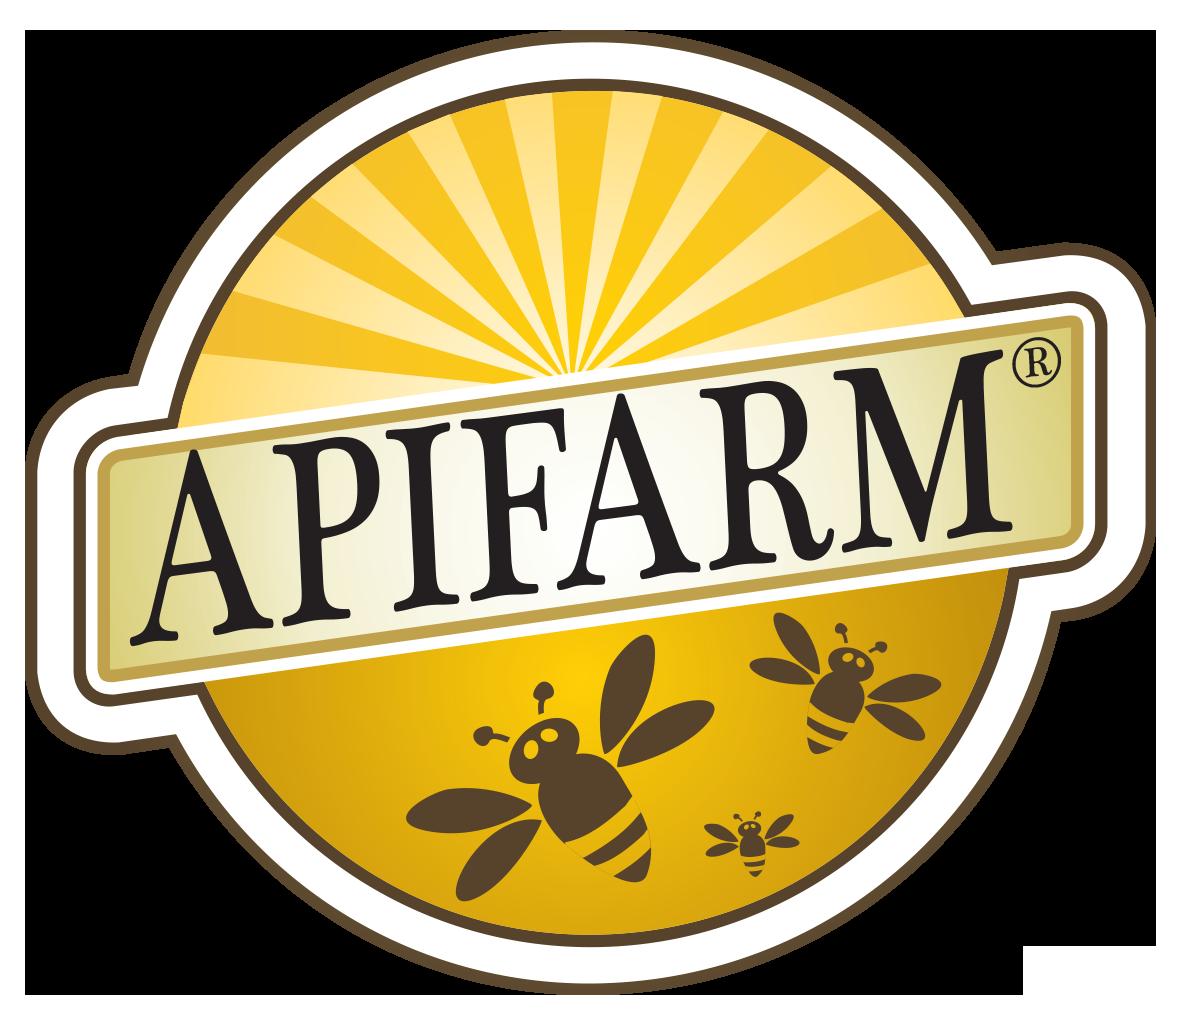 Apifarm